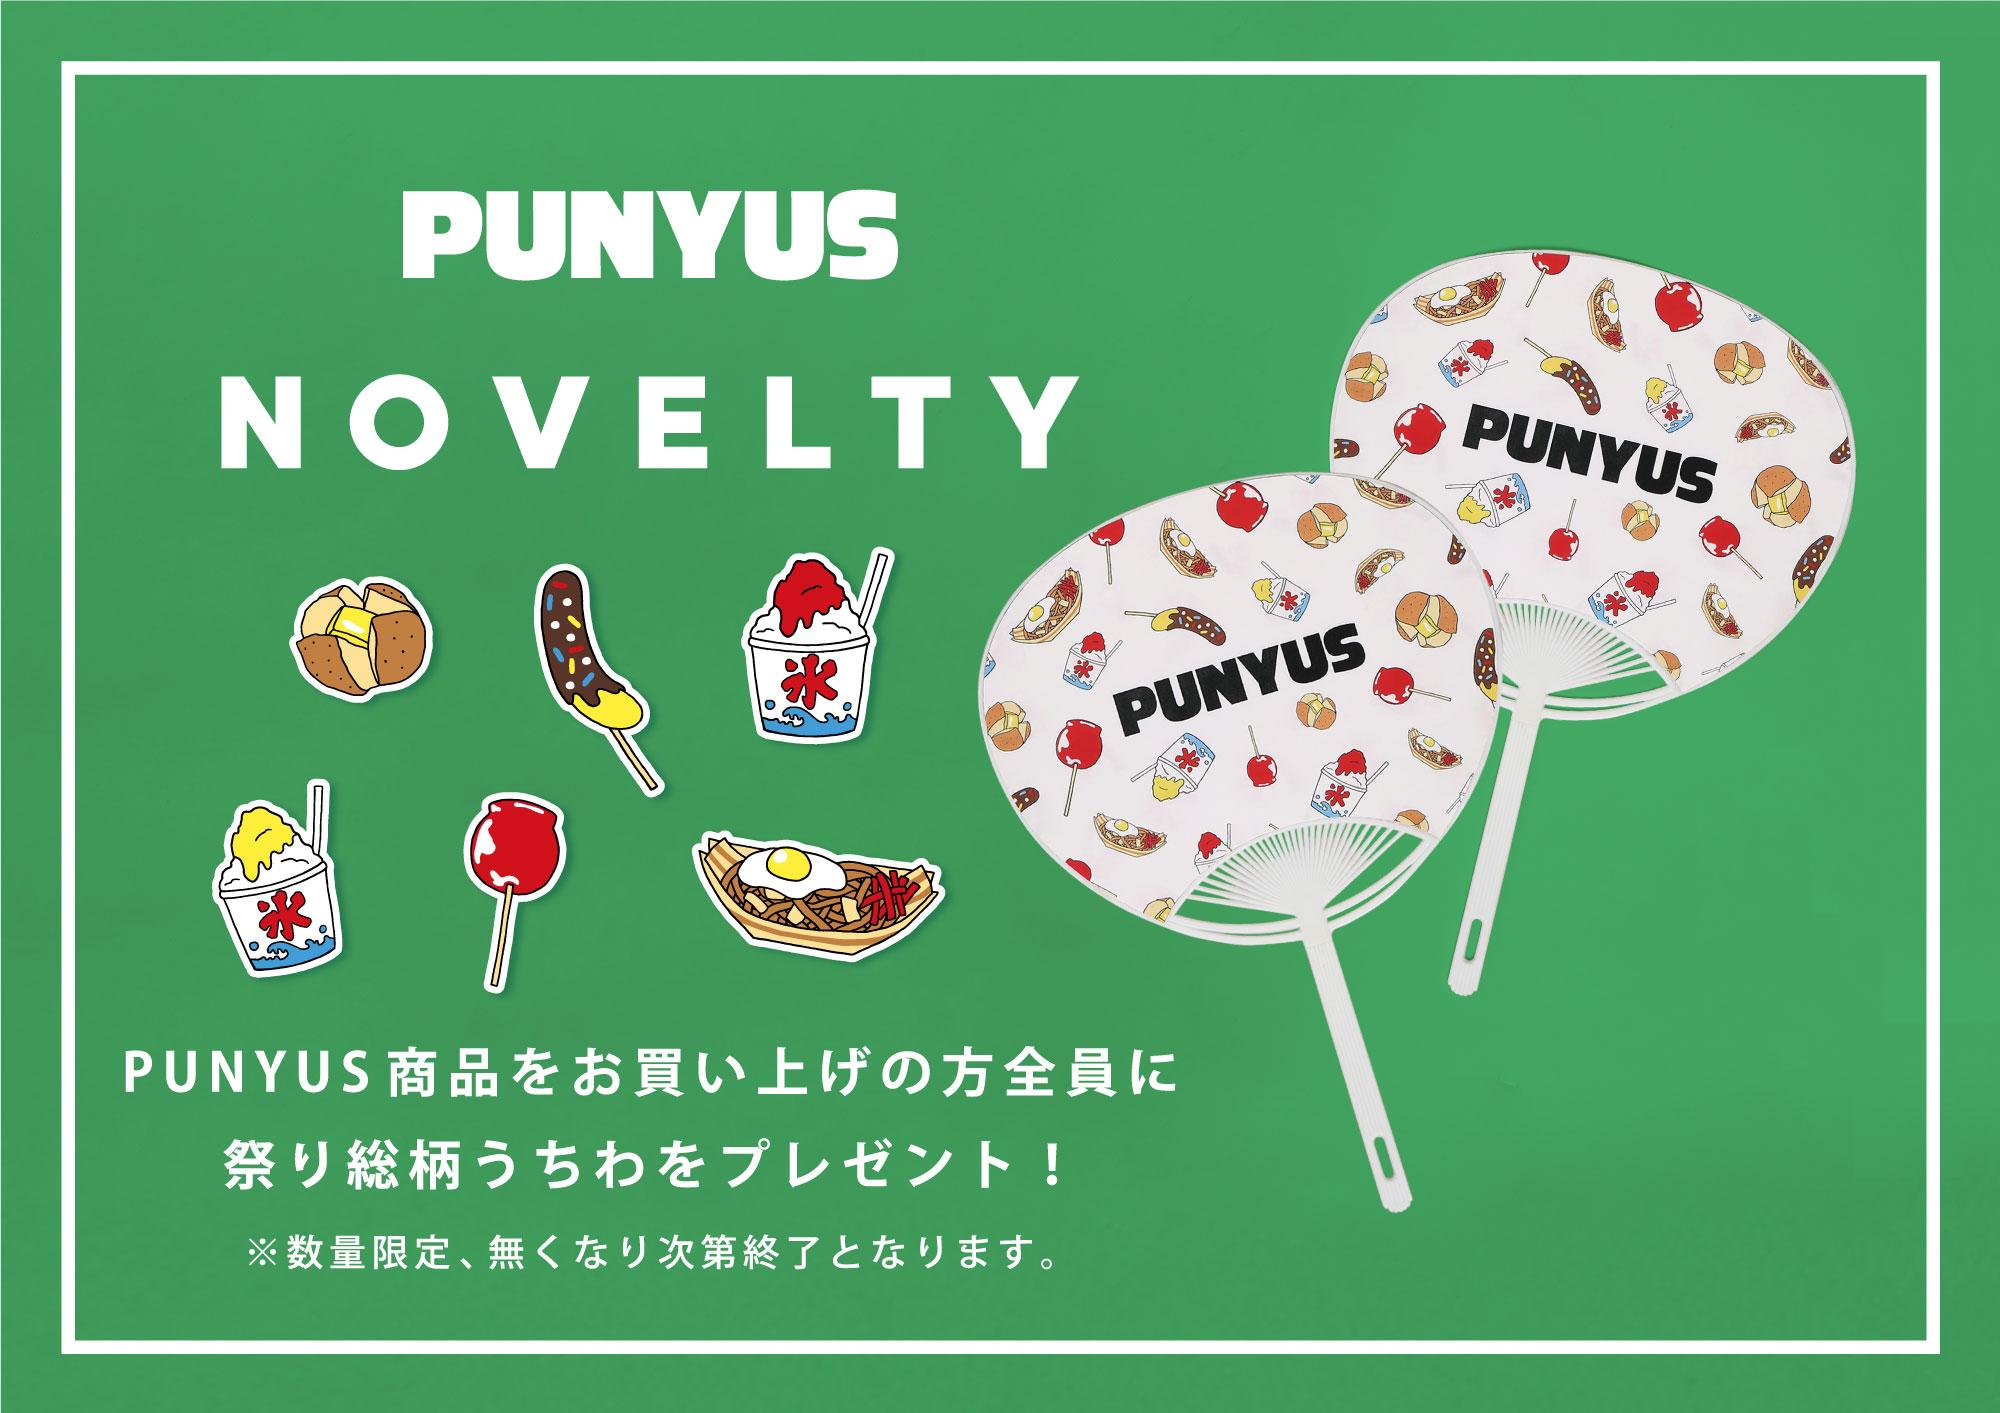 【PUNYUS店舗】ノベルティ 祭り総柄うちわ プレゼント!